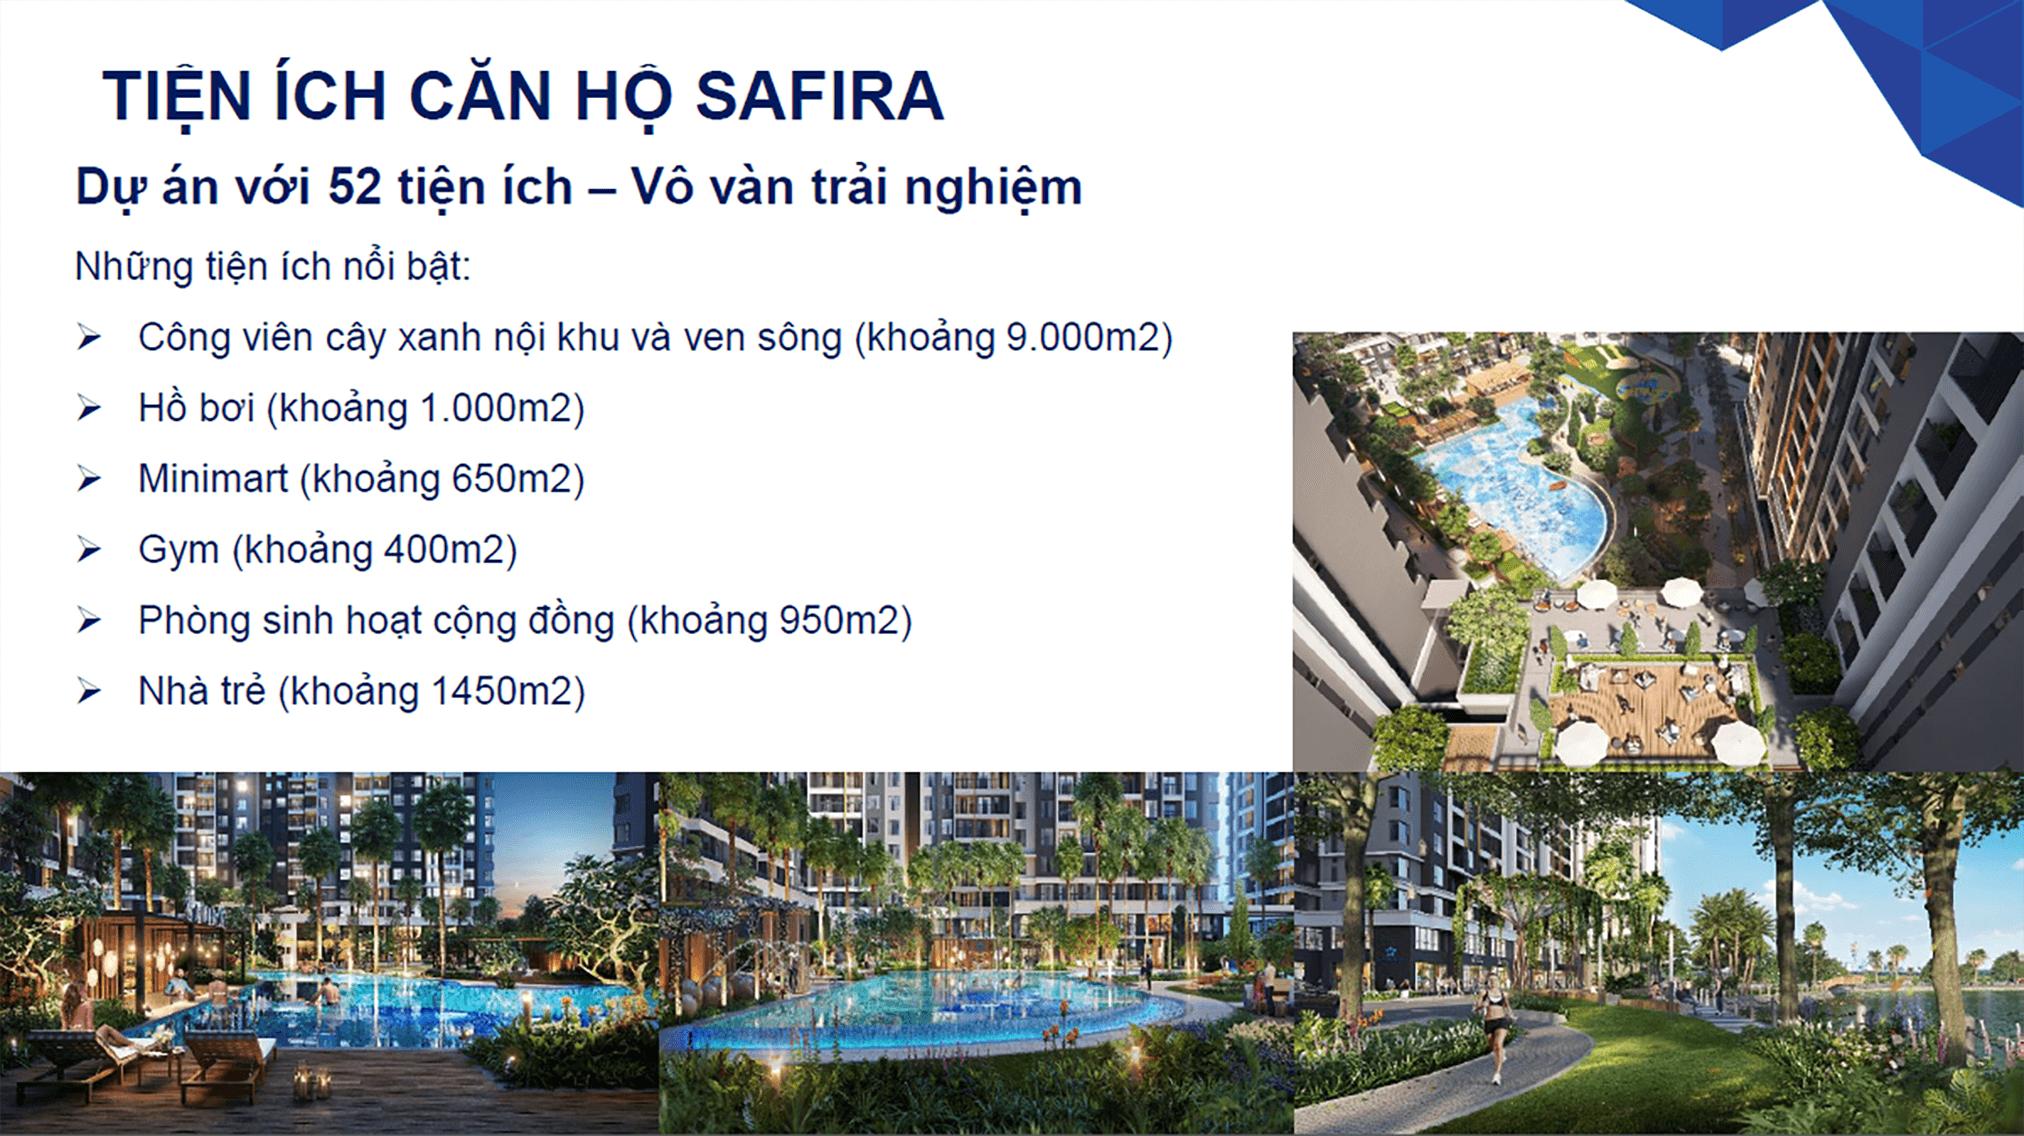 Tiện ích đẳng cấp tại căn hộ Safira Khang Điền Quận 9